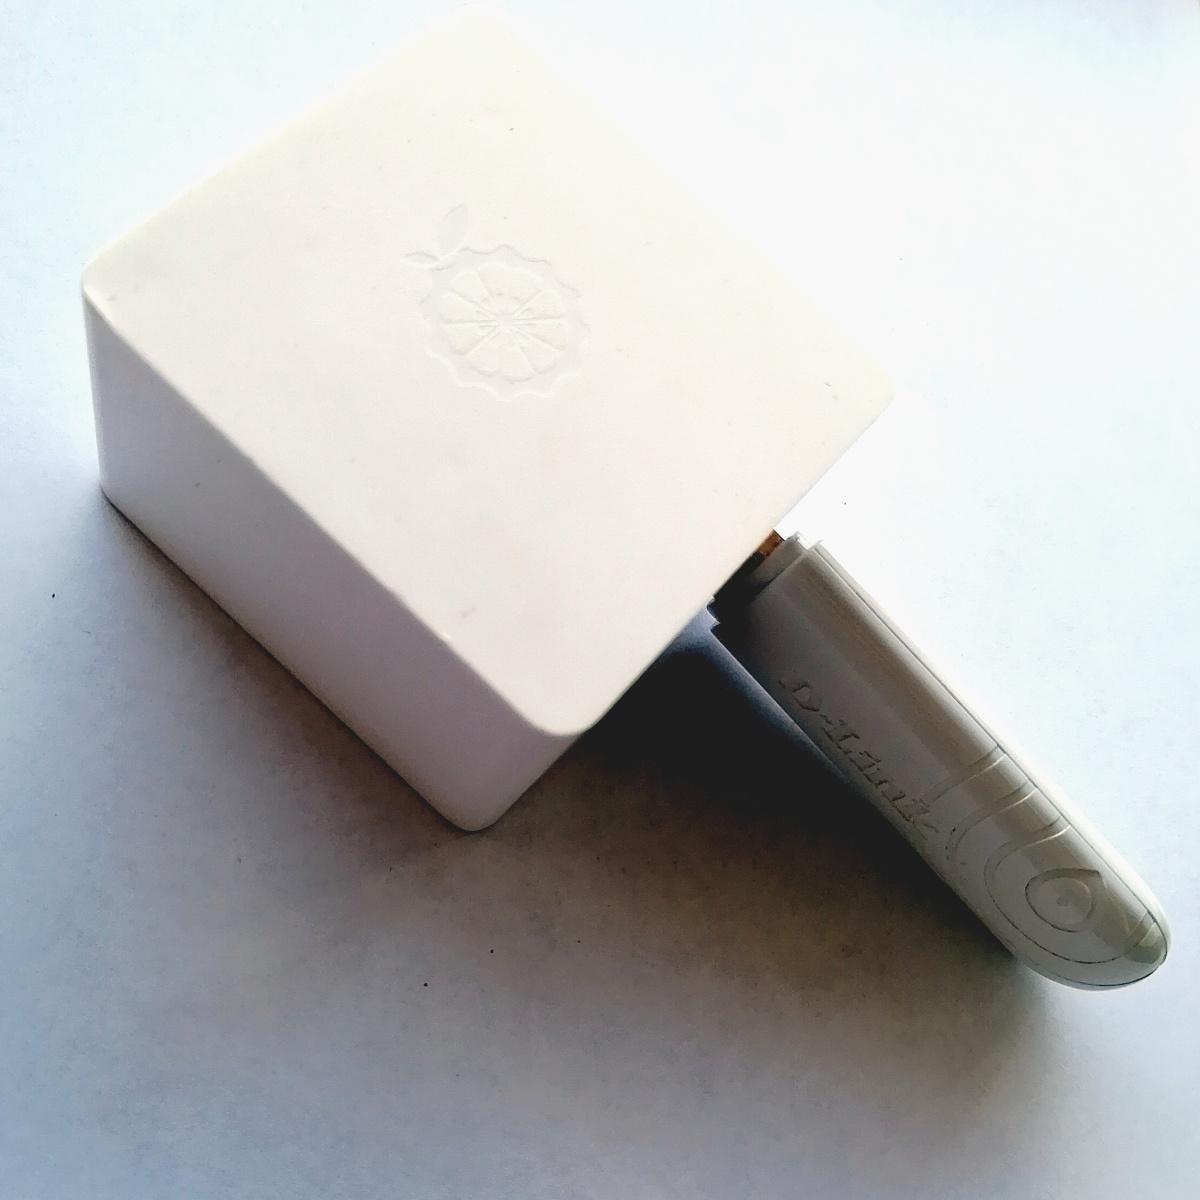 Хождение по граблям в чистом поле или как собрать MAC-адреса близлежащих Wi-Fi-устройств - 3